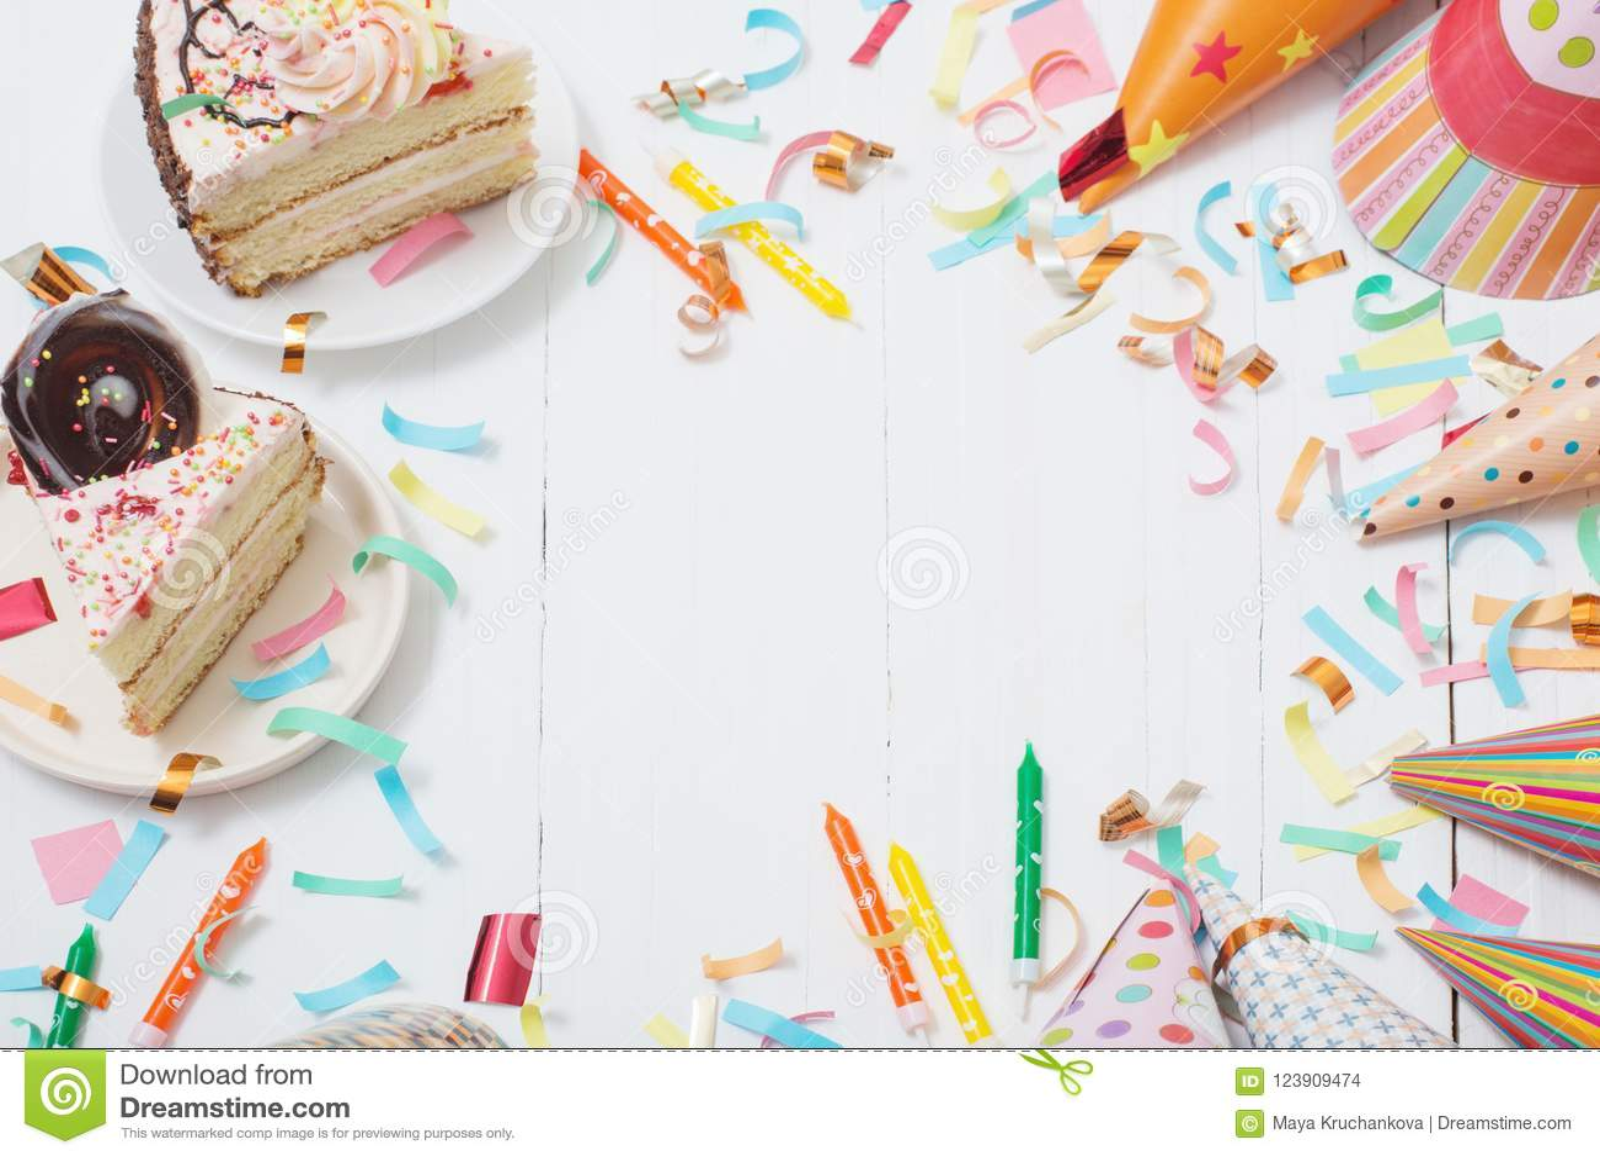 Verjaardagscake en decoratie op witte houten achtergrond